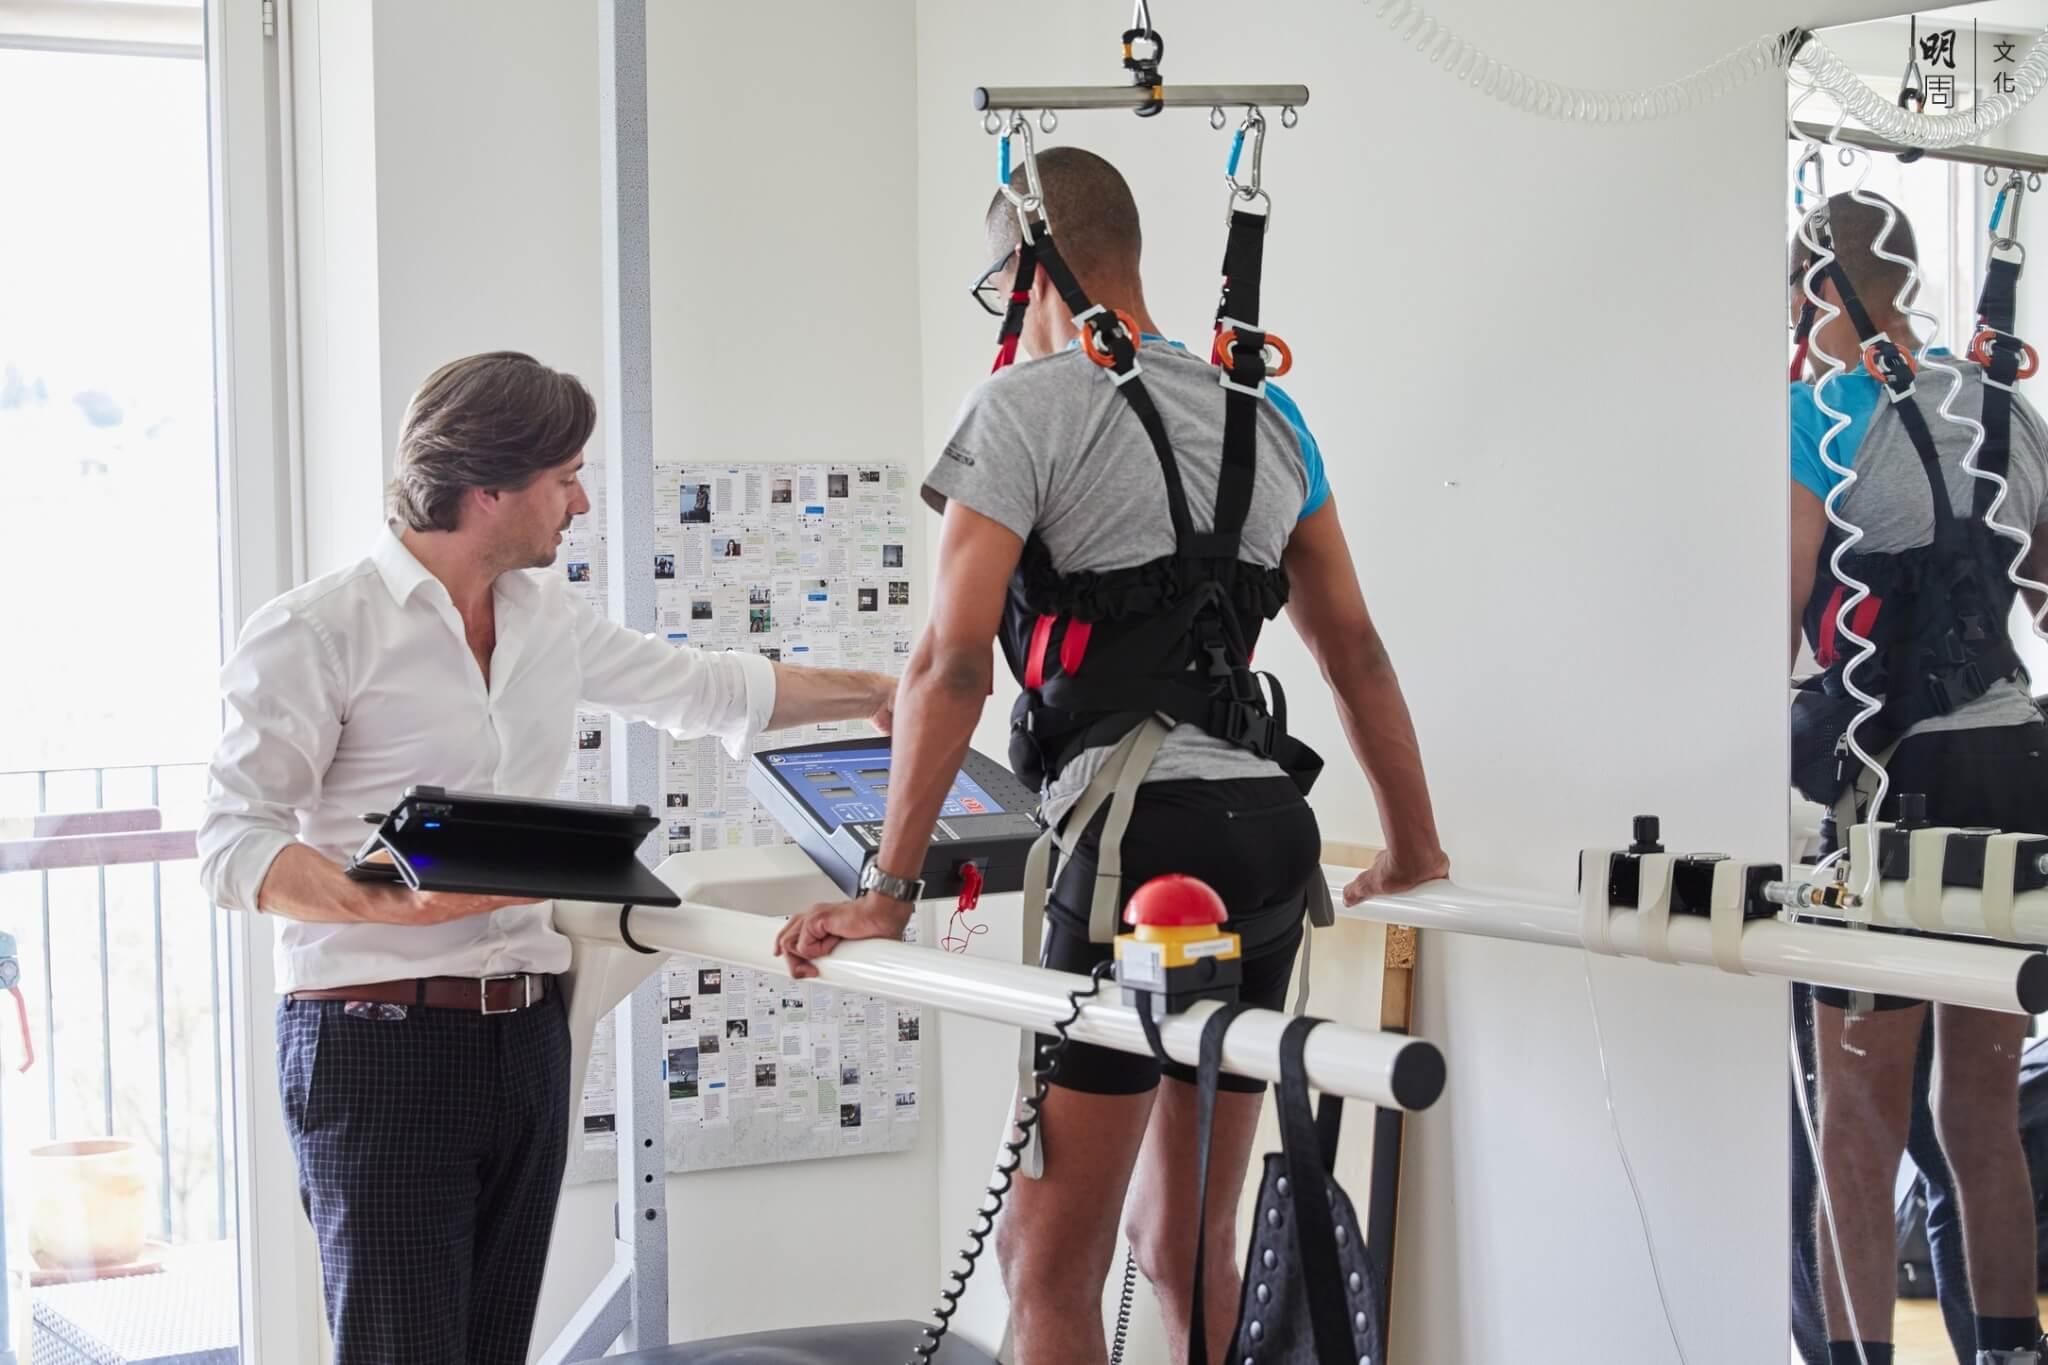 癱瘓九年,Devi要穿上安全帶,靠懸掛式輔助步行器,重新學習行走。